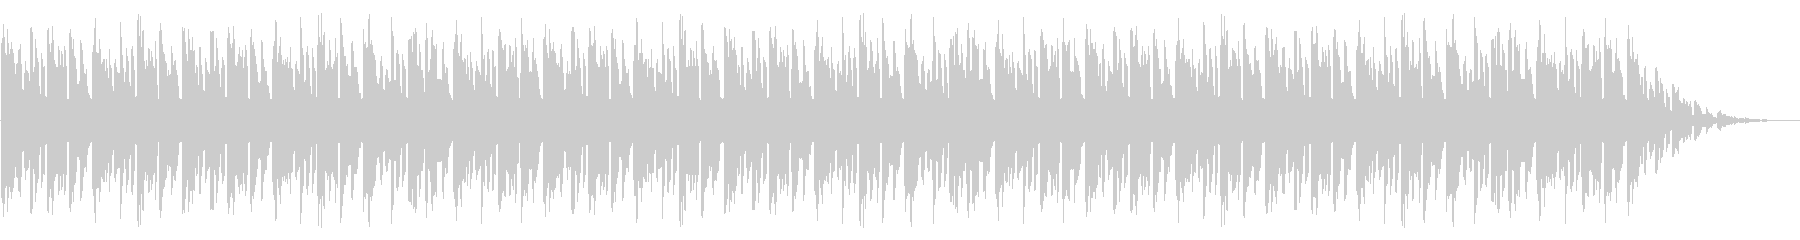 GB風レースゲームのED曲の未再生の波形